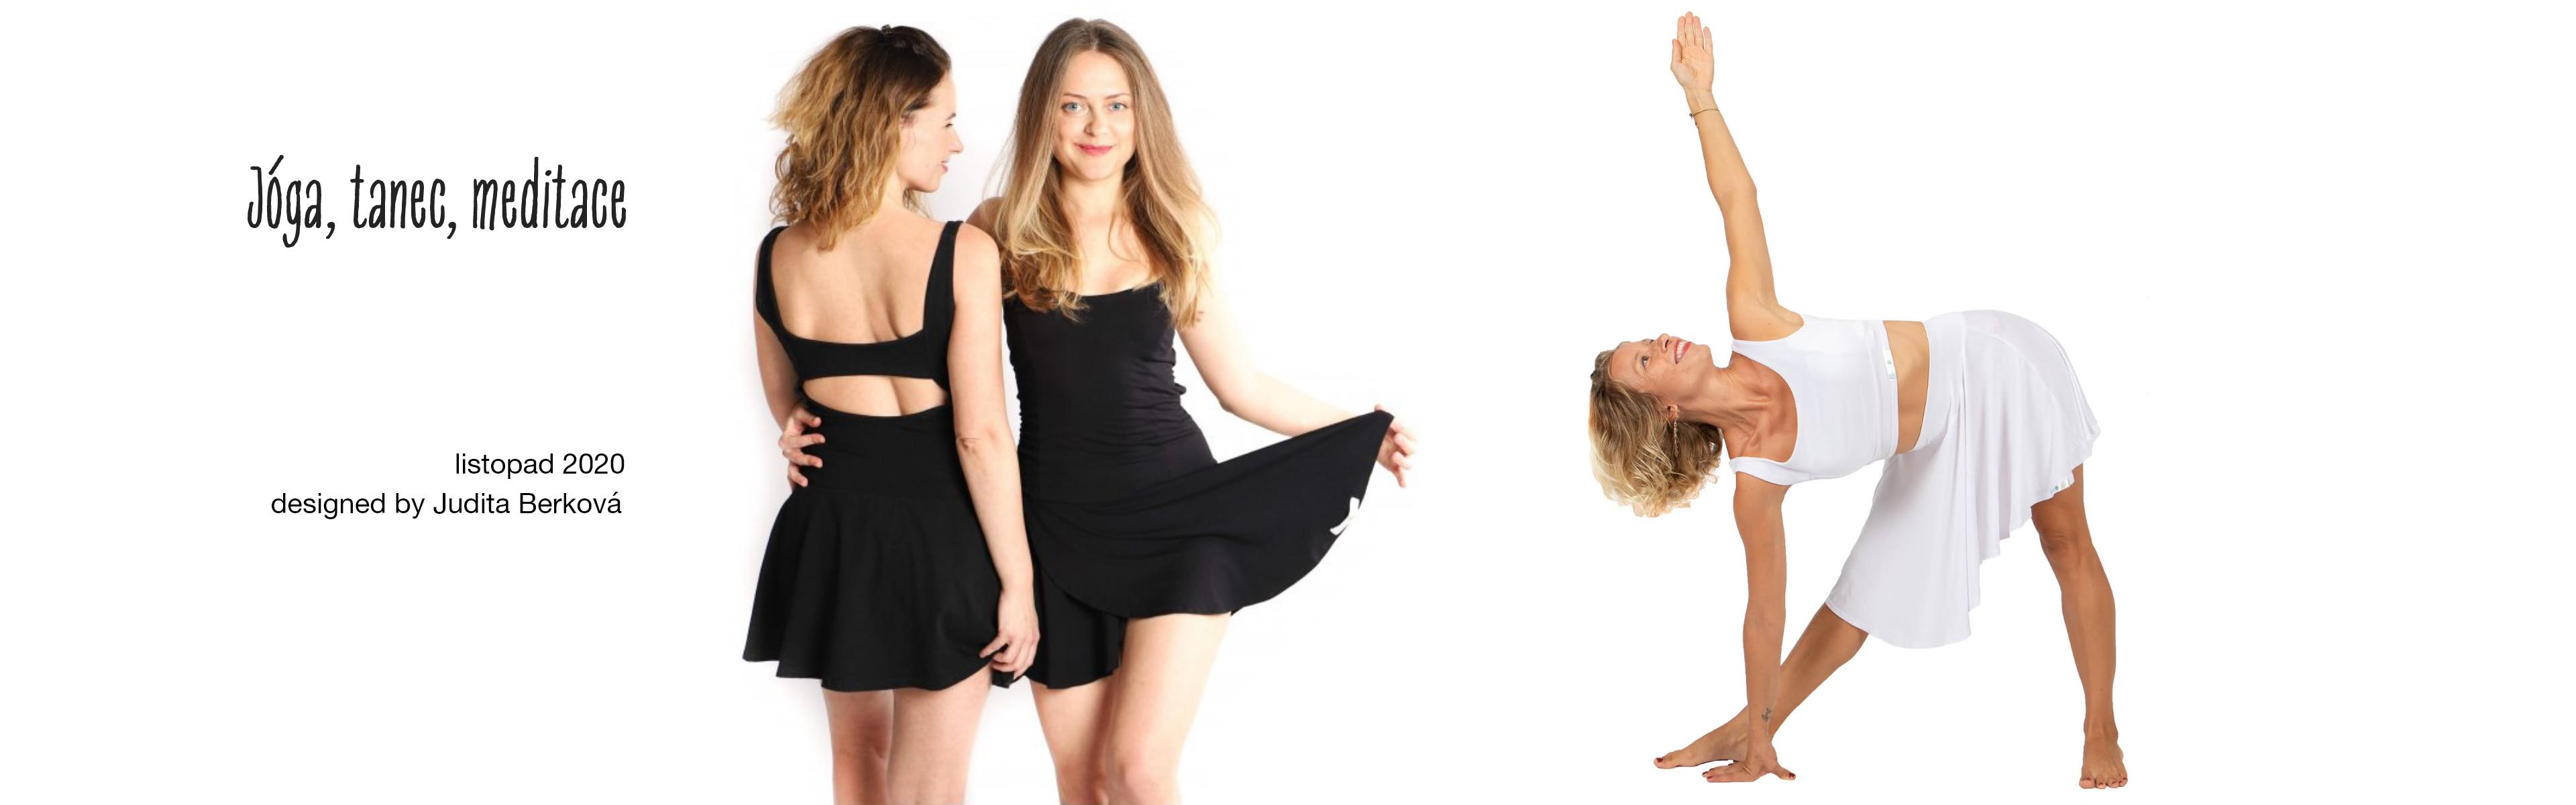 Jóga, tanec, meditace - černé šaty